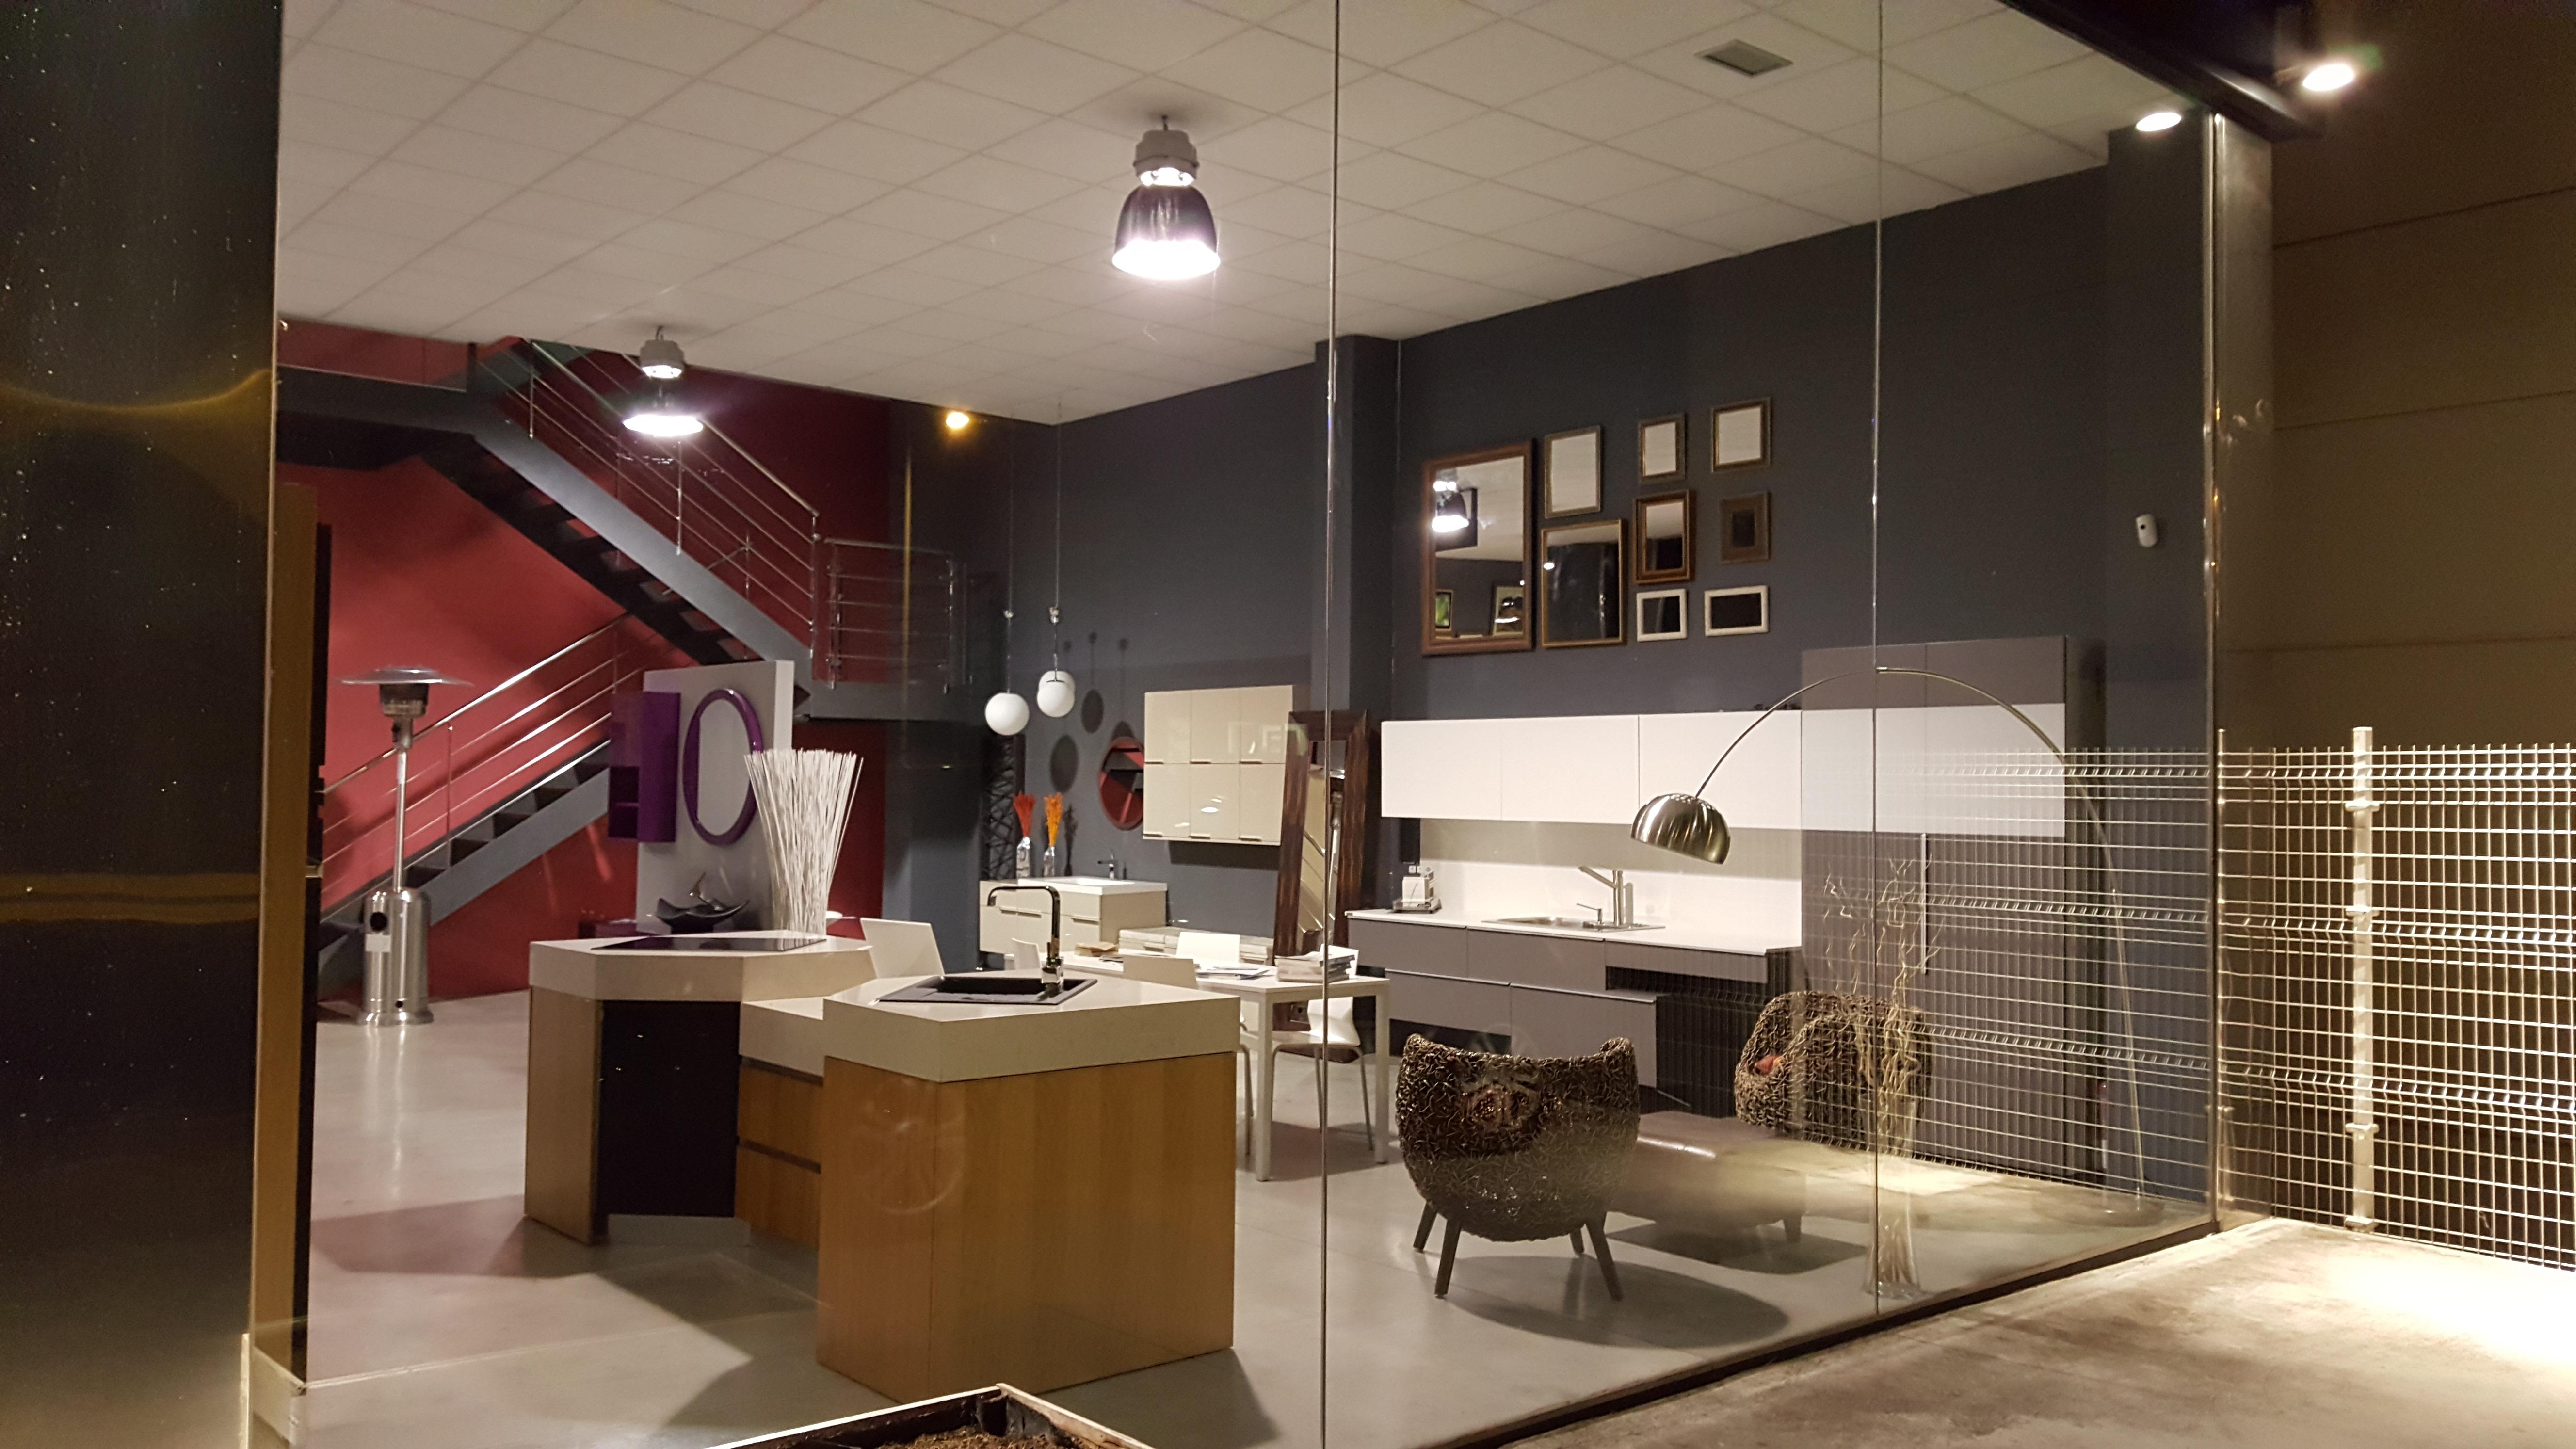 TERRACOTA COCINAS - Muebles de cocinas valladolid